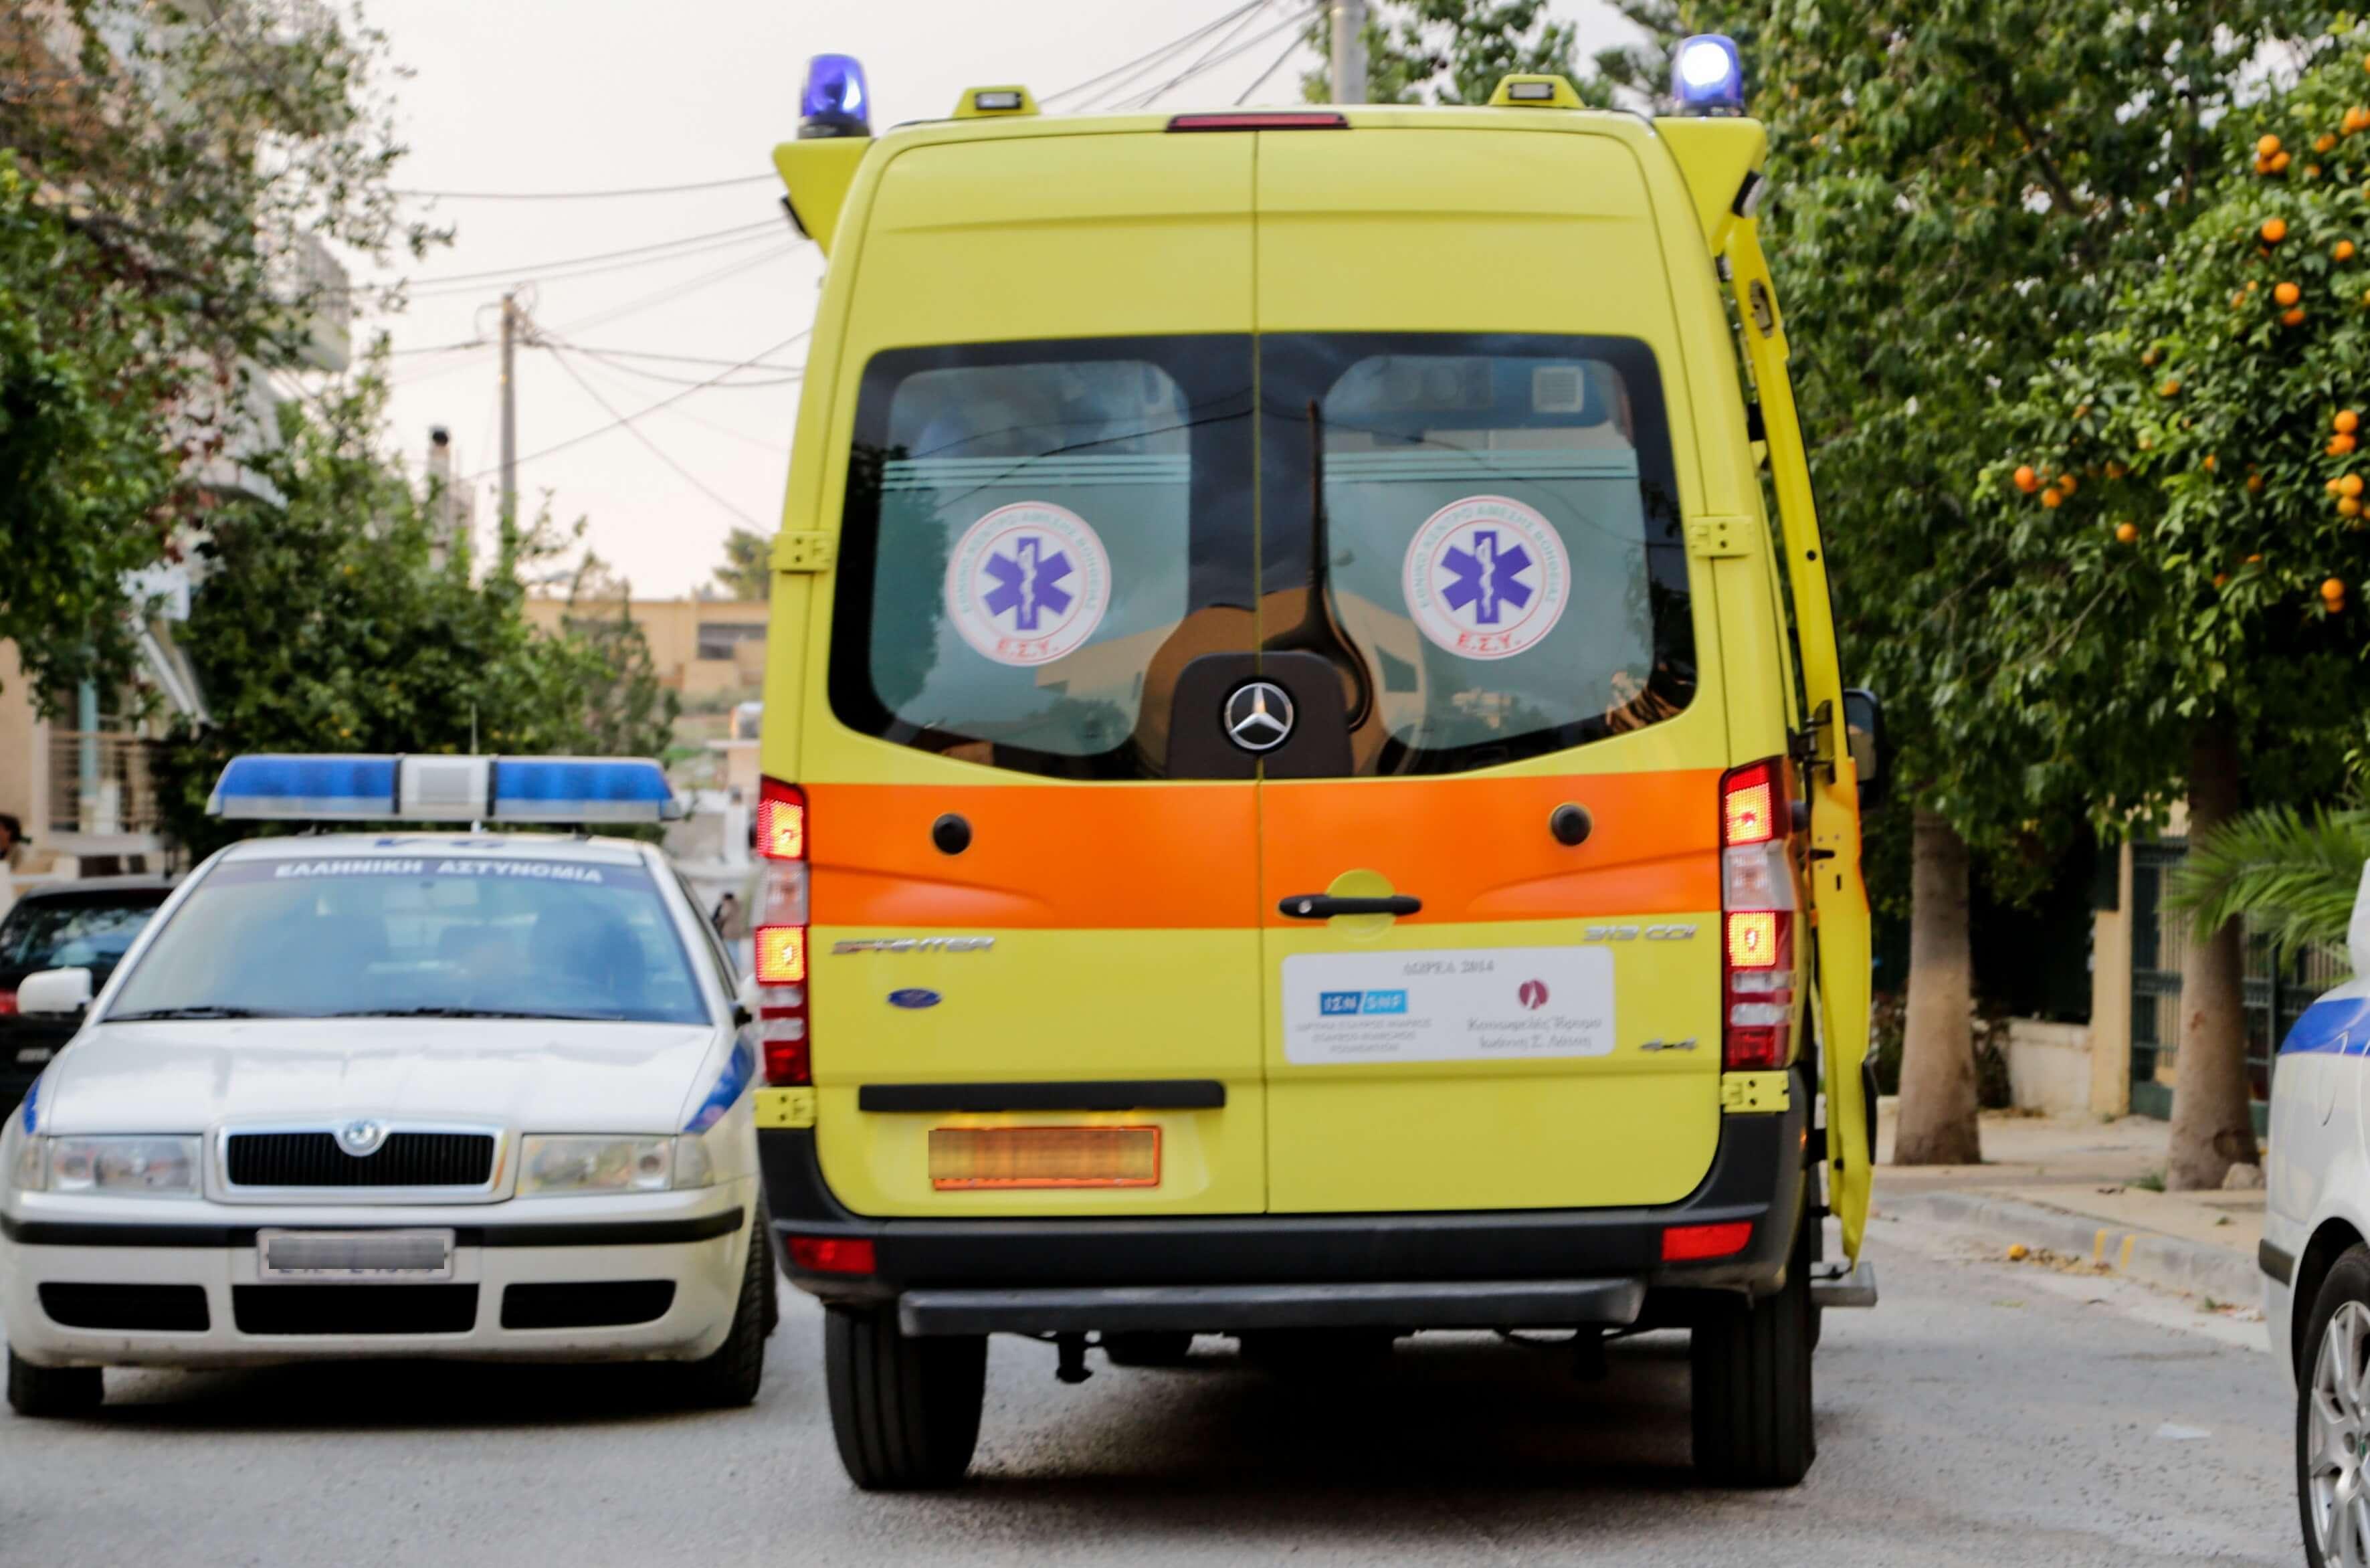 Αχαΐα: Ψάχνουν τον οδηγό που σκότωσε και εγκατέλειψε άνθρωπο